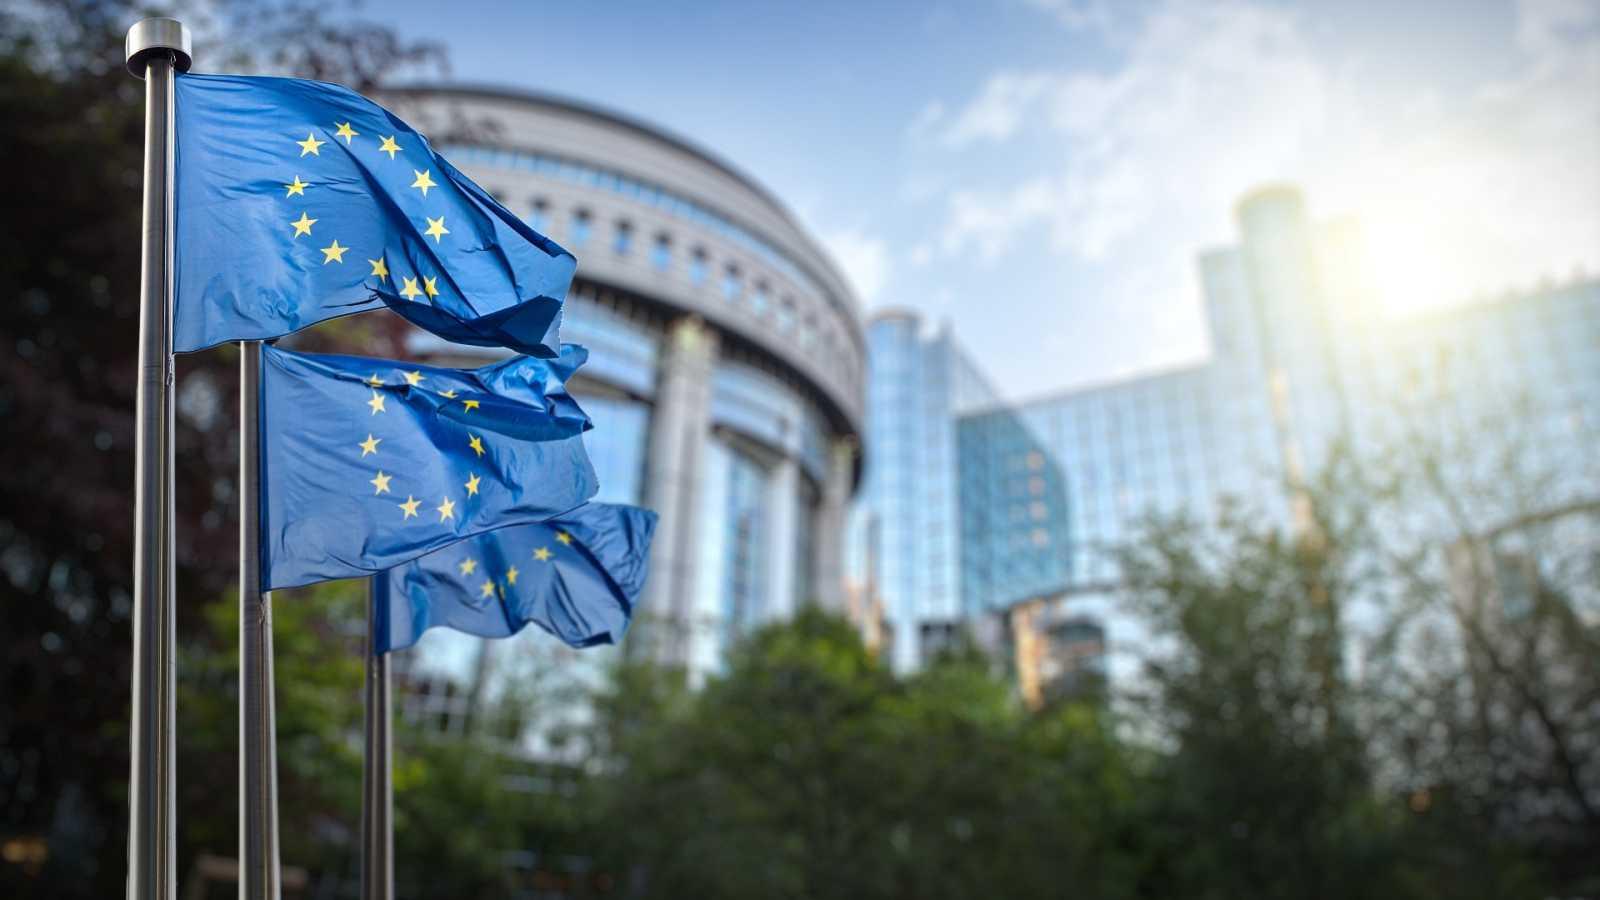 España recibe el primer desembolso del fondo de recuperación de la UE de 9.000 millones de euros